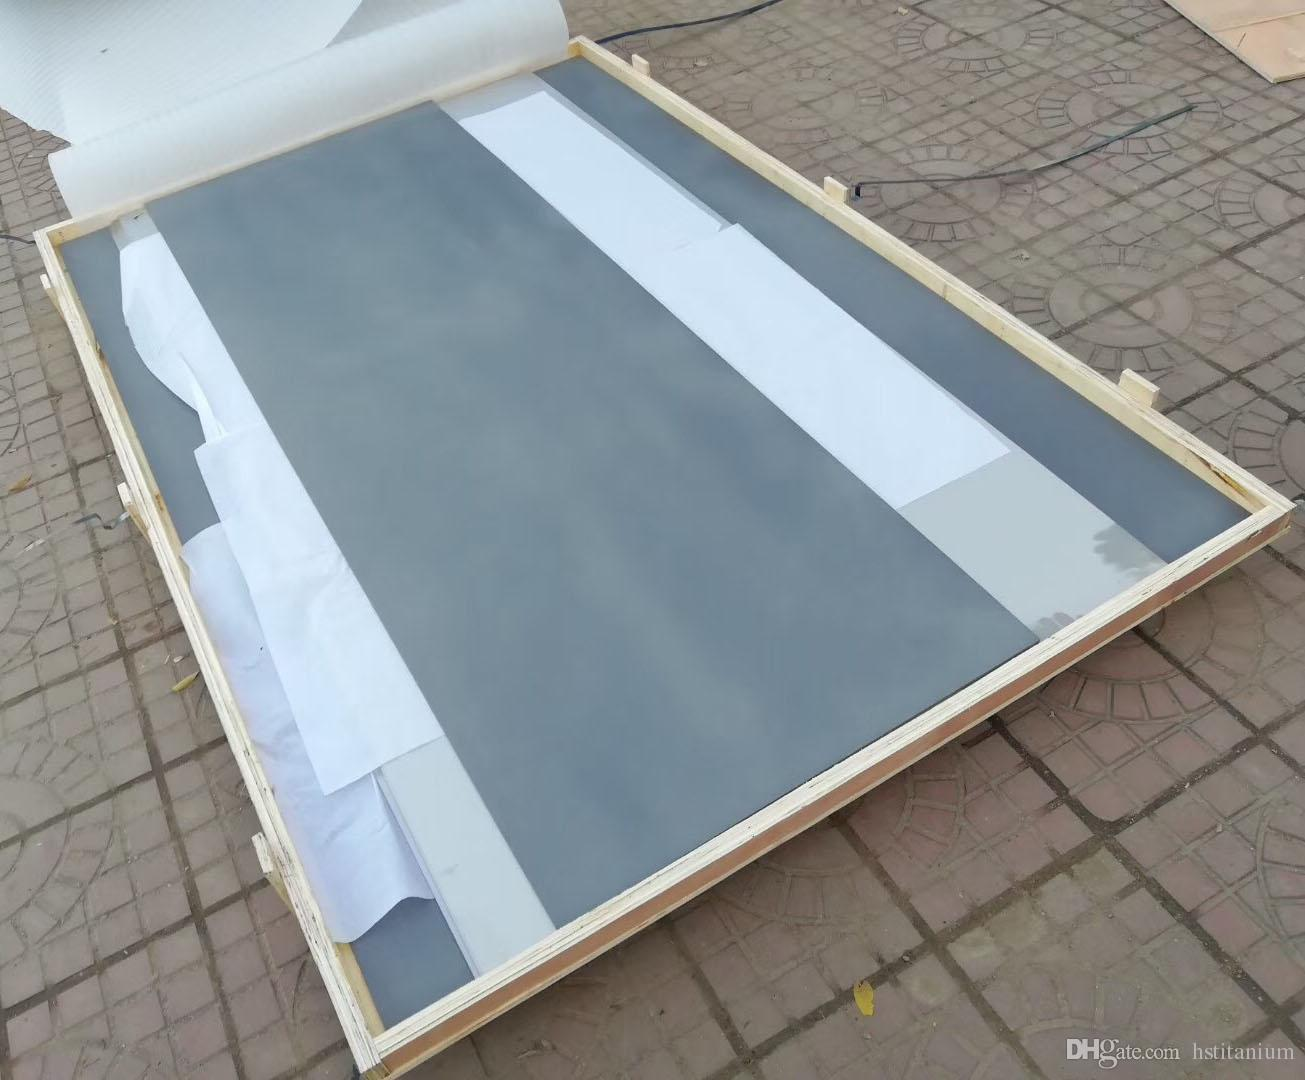 Grade1 Titanium Plate Sheet ASTM B265 ASTM B265 Plate/Sheet STM B265 Hot  rolling industrial 1mm 2mm 3mm grade 5 titanium